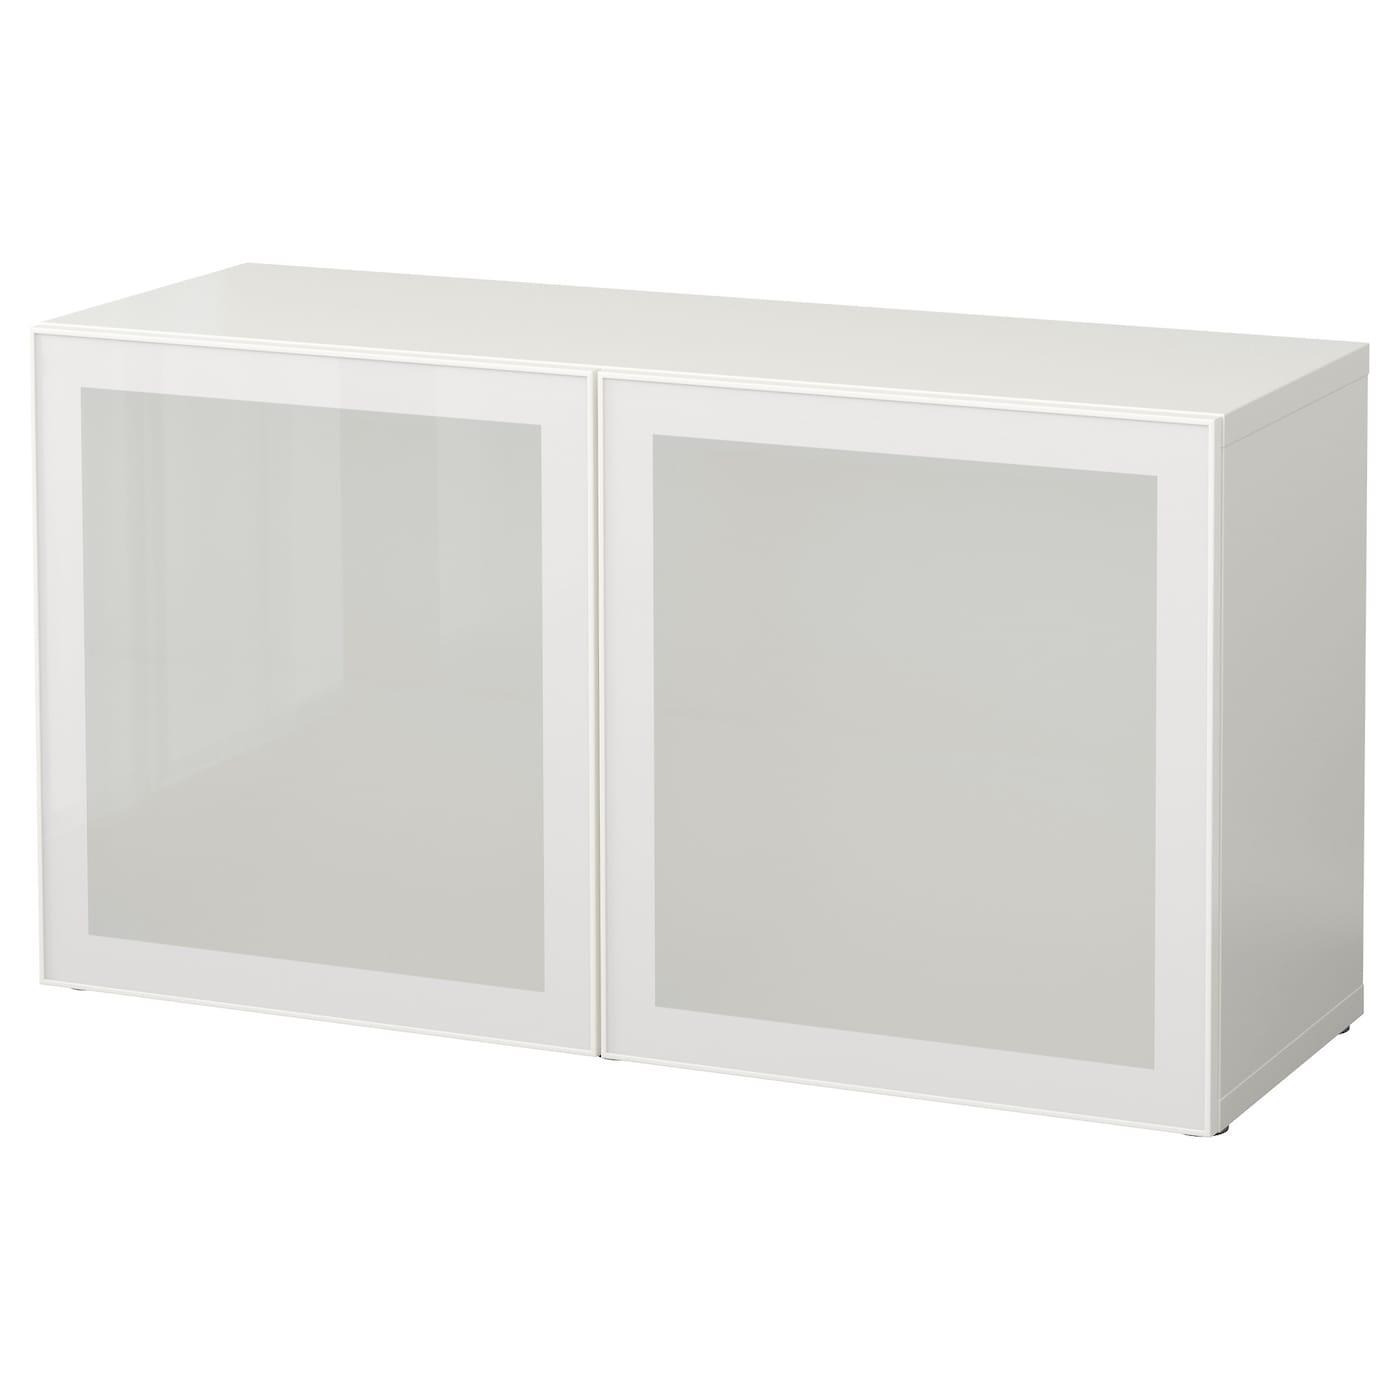 Besta shelf unit with door - Ikea Best Shelf Unit With Glass Doors